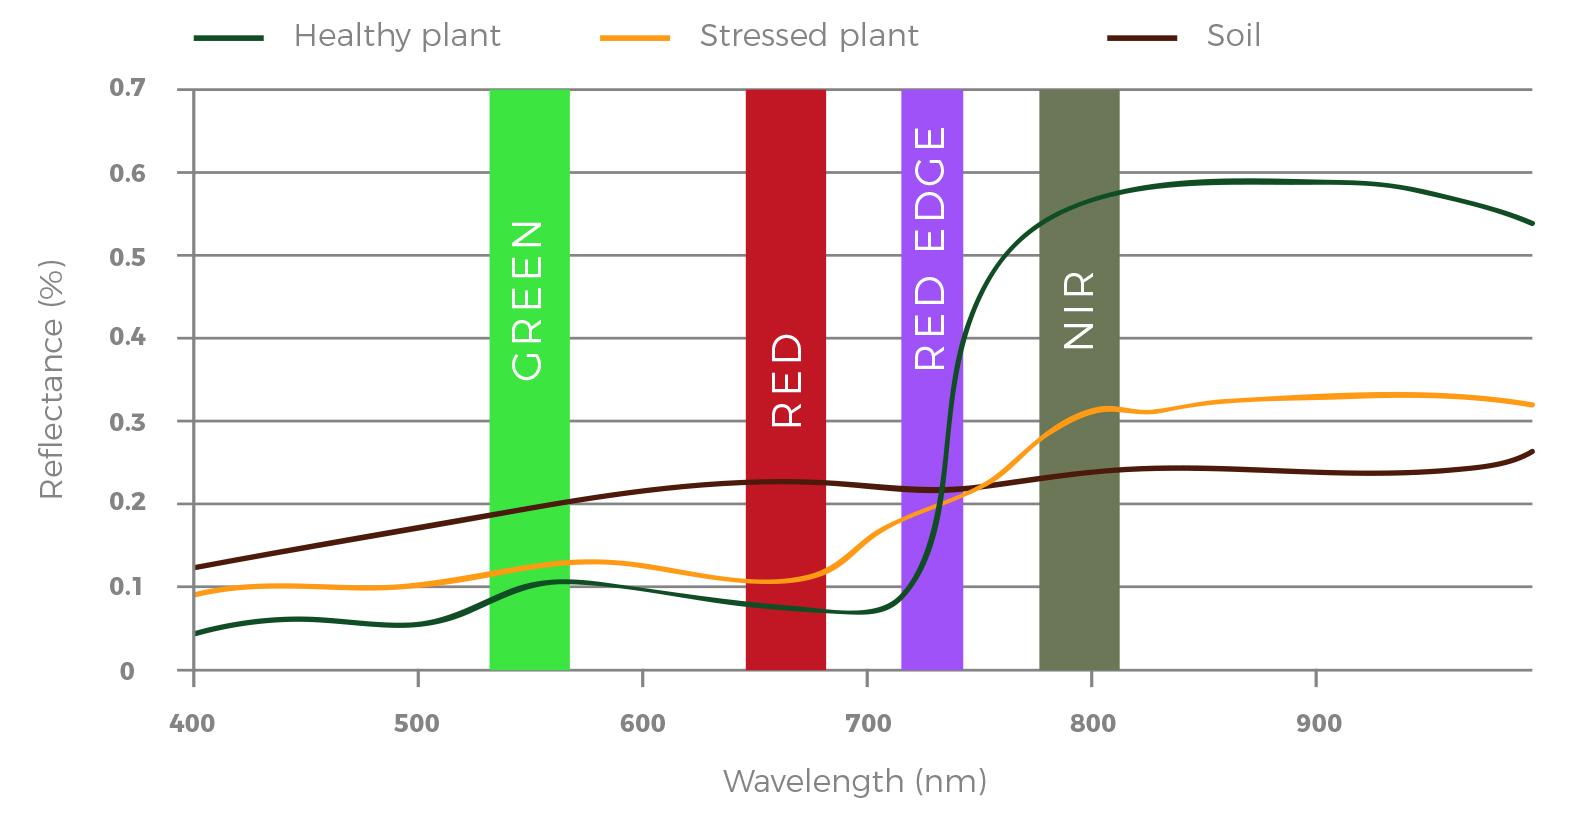 teledetekcja, długość fali, rośliny, uprawy, green, red, red edge, nir